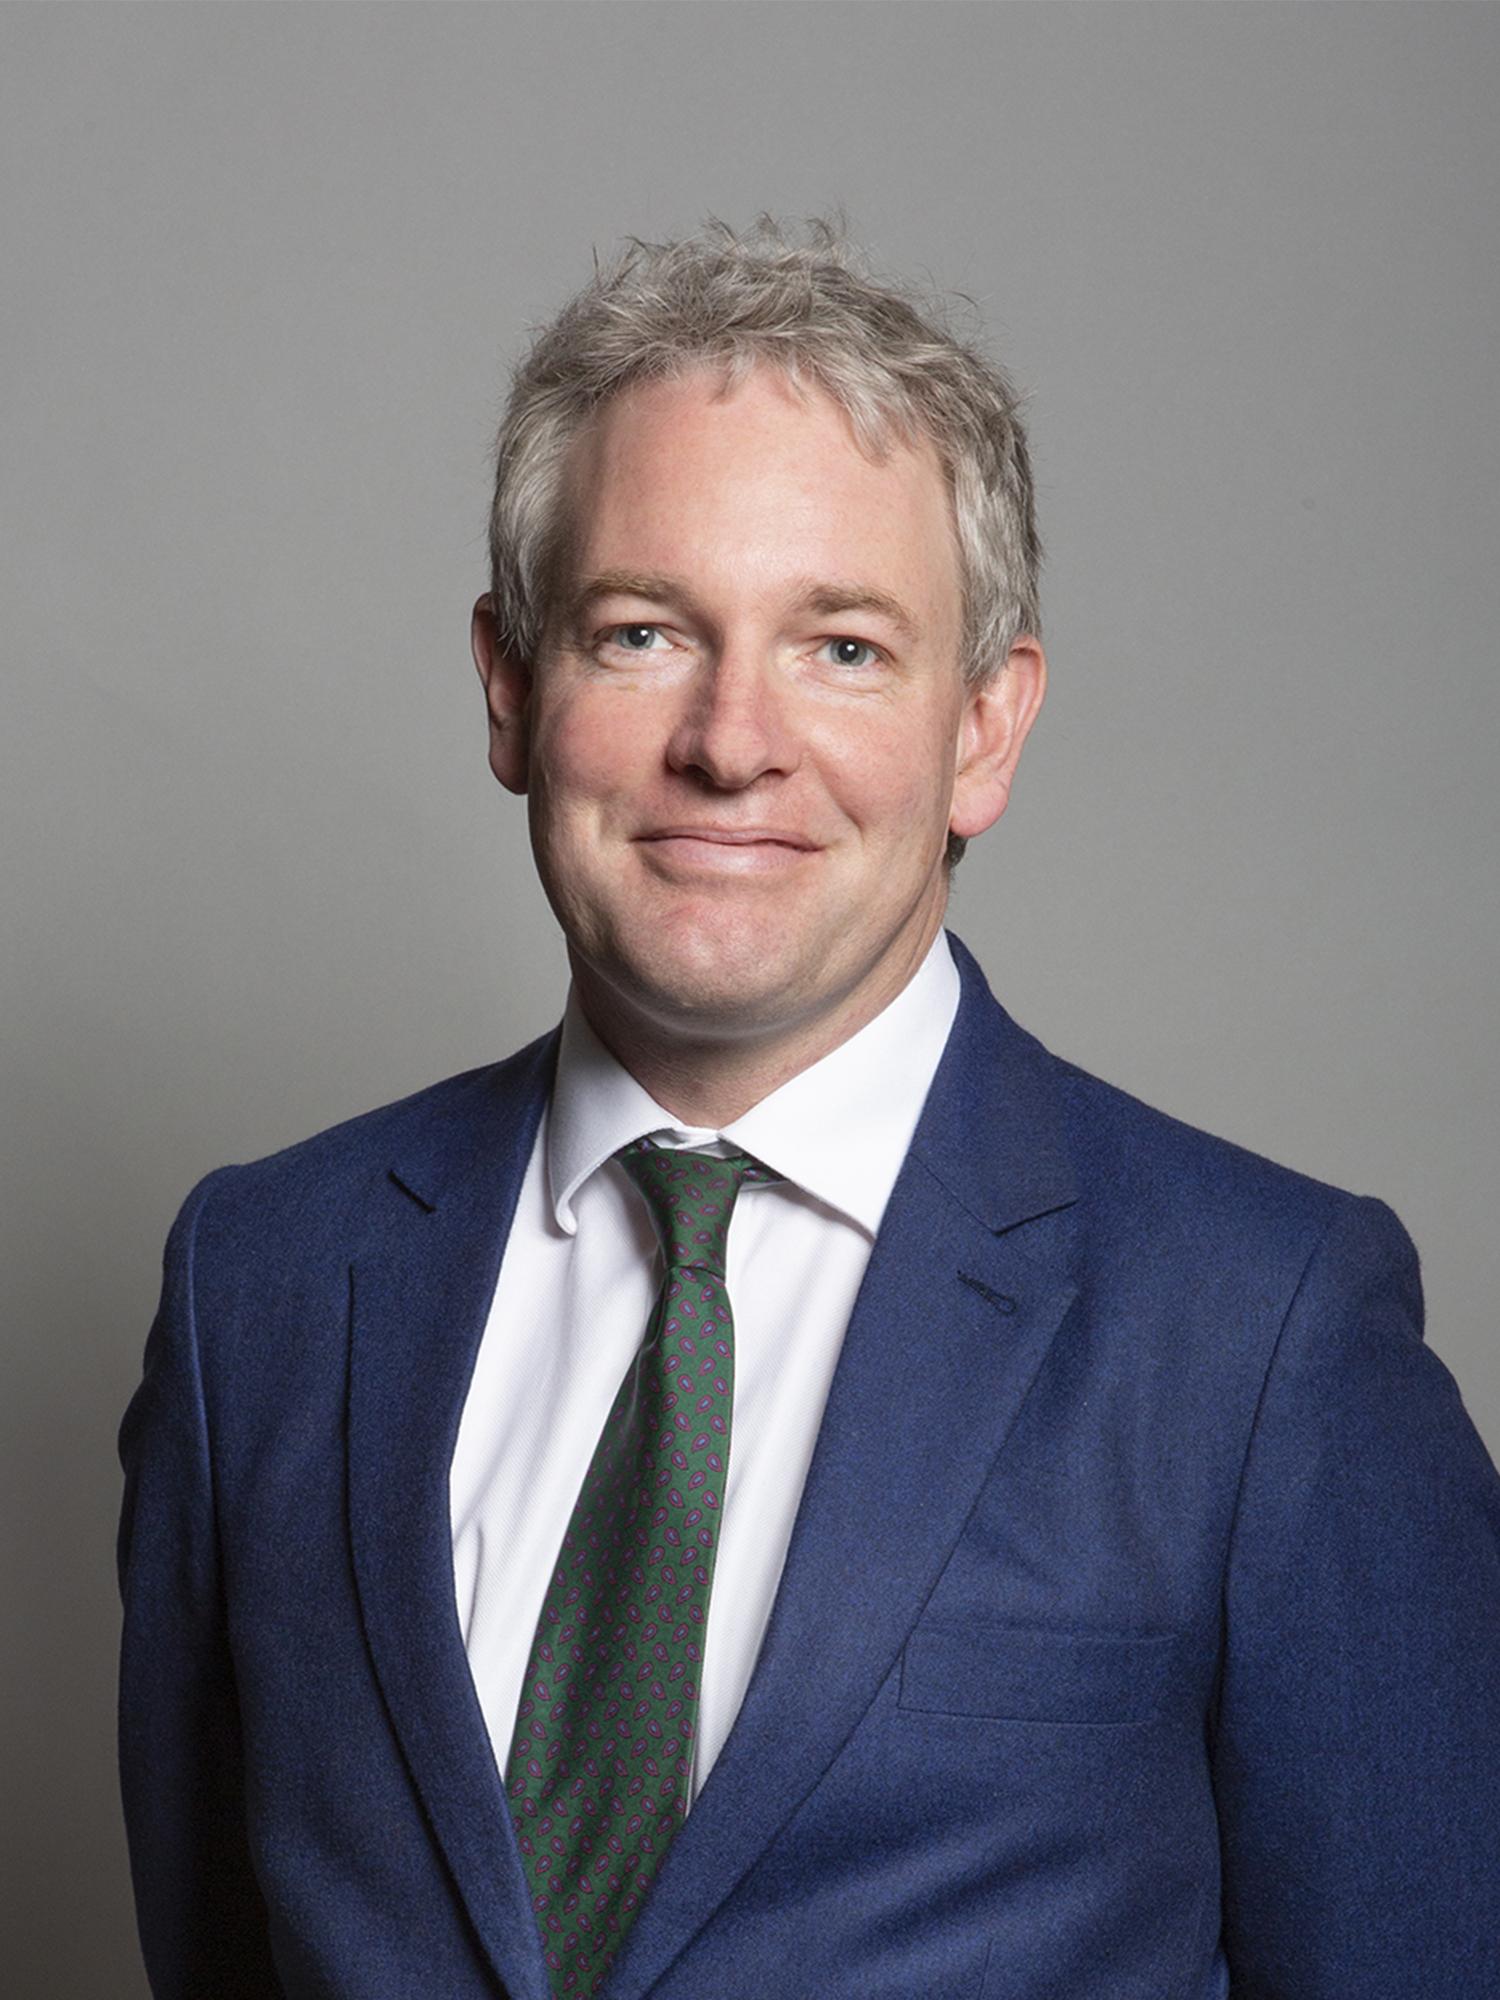 Official_portrait_of_Danny_Kruger_MP